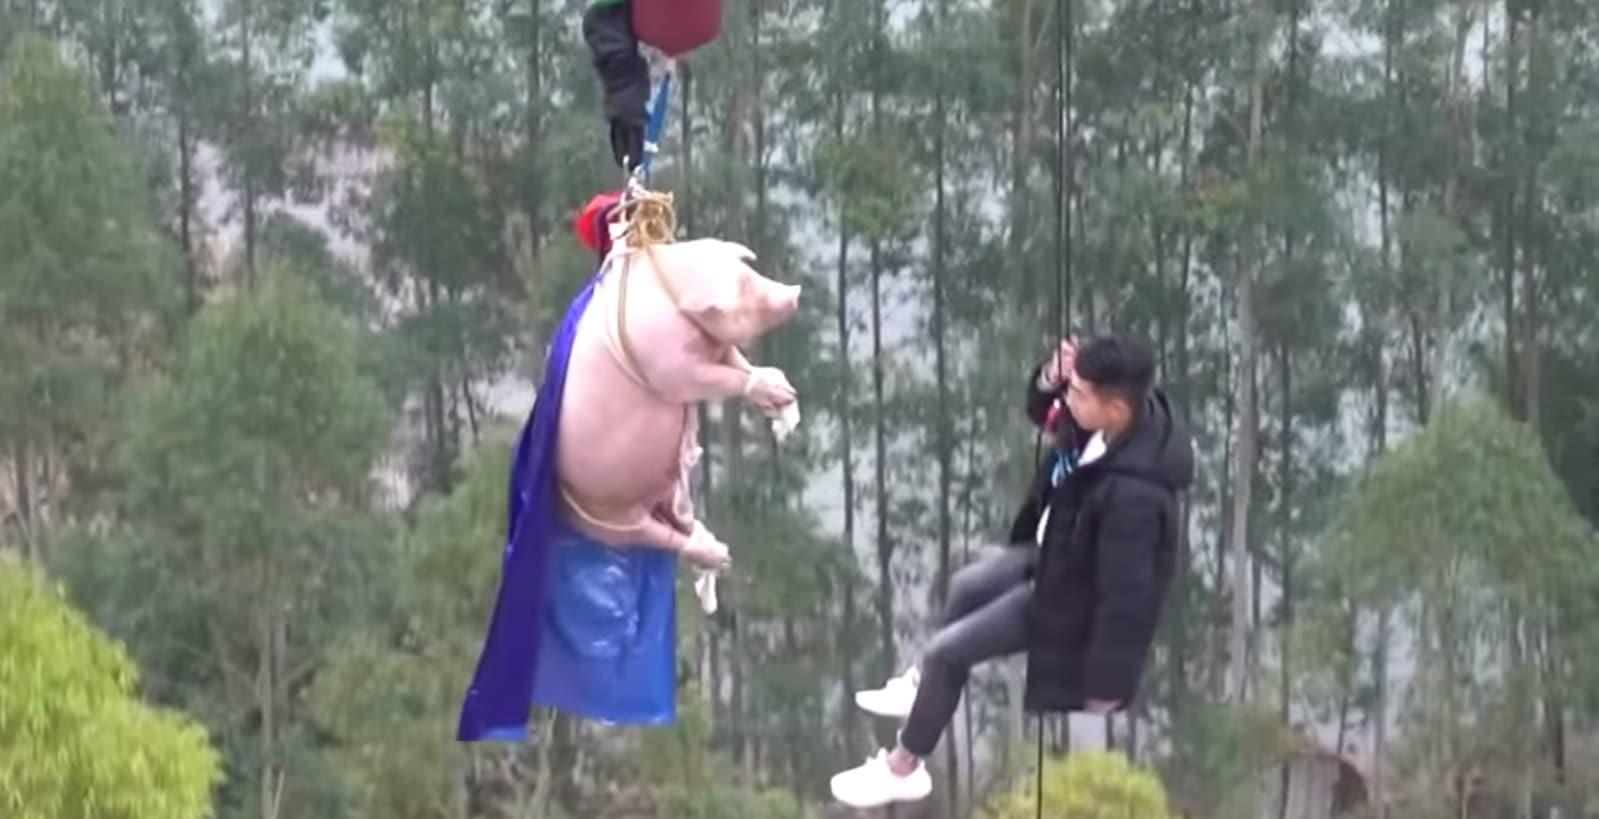 Polémique : ce cochon attaché pour faire un saut à l'élastique scandalise (Vidéo)